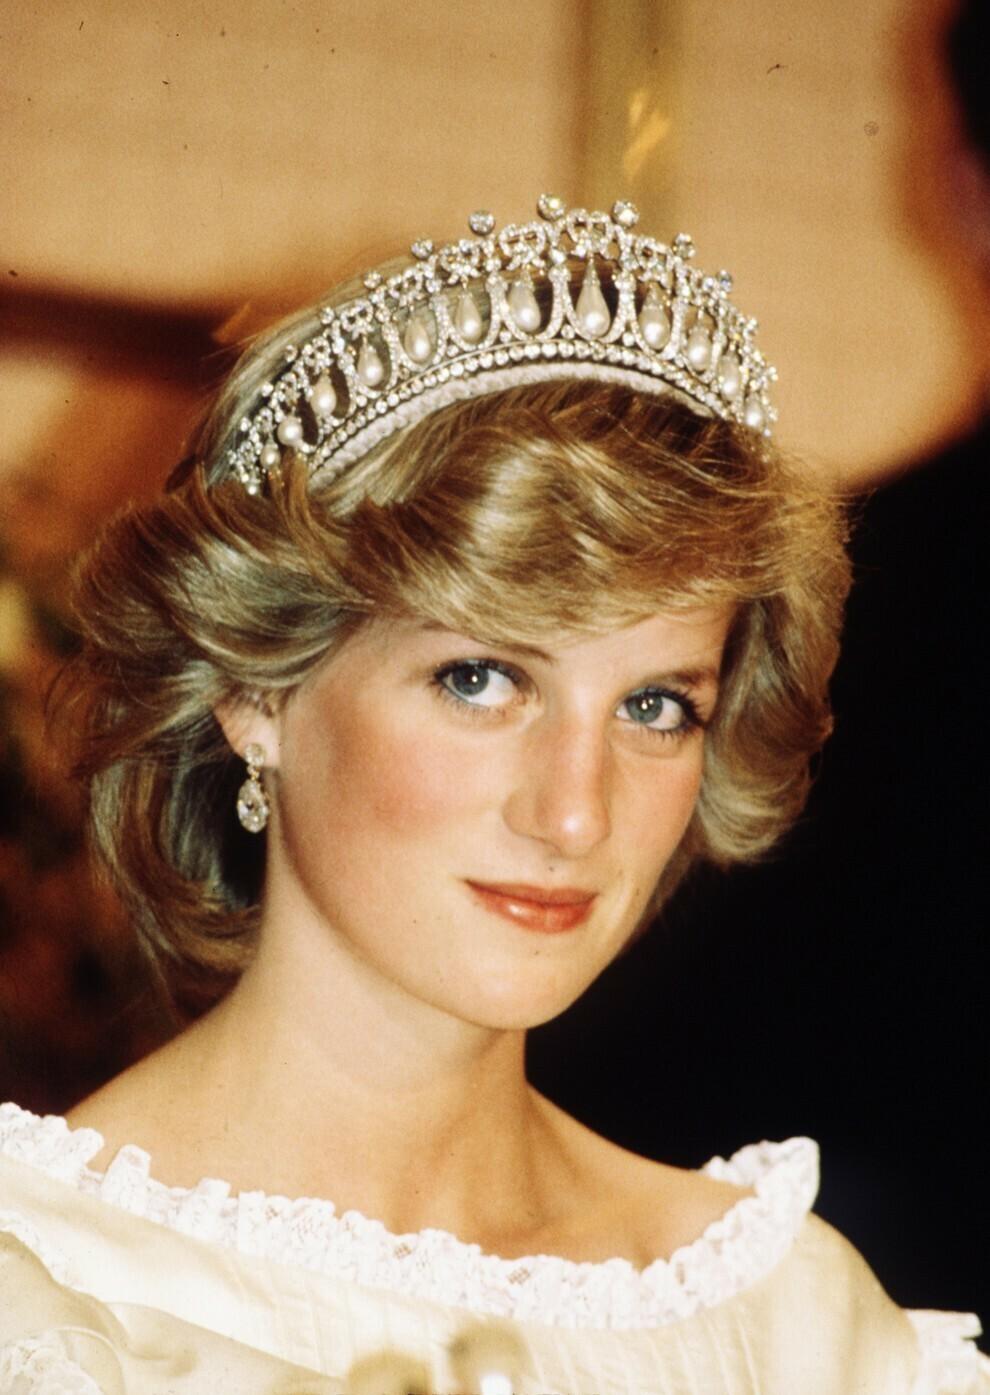 16 интересных фактов о принцессе Диане | Vogue Ukraine - Vogue UA